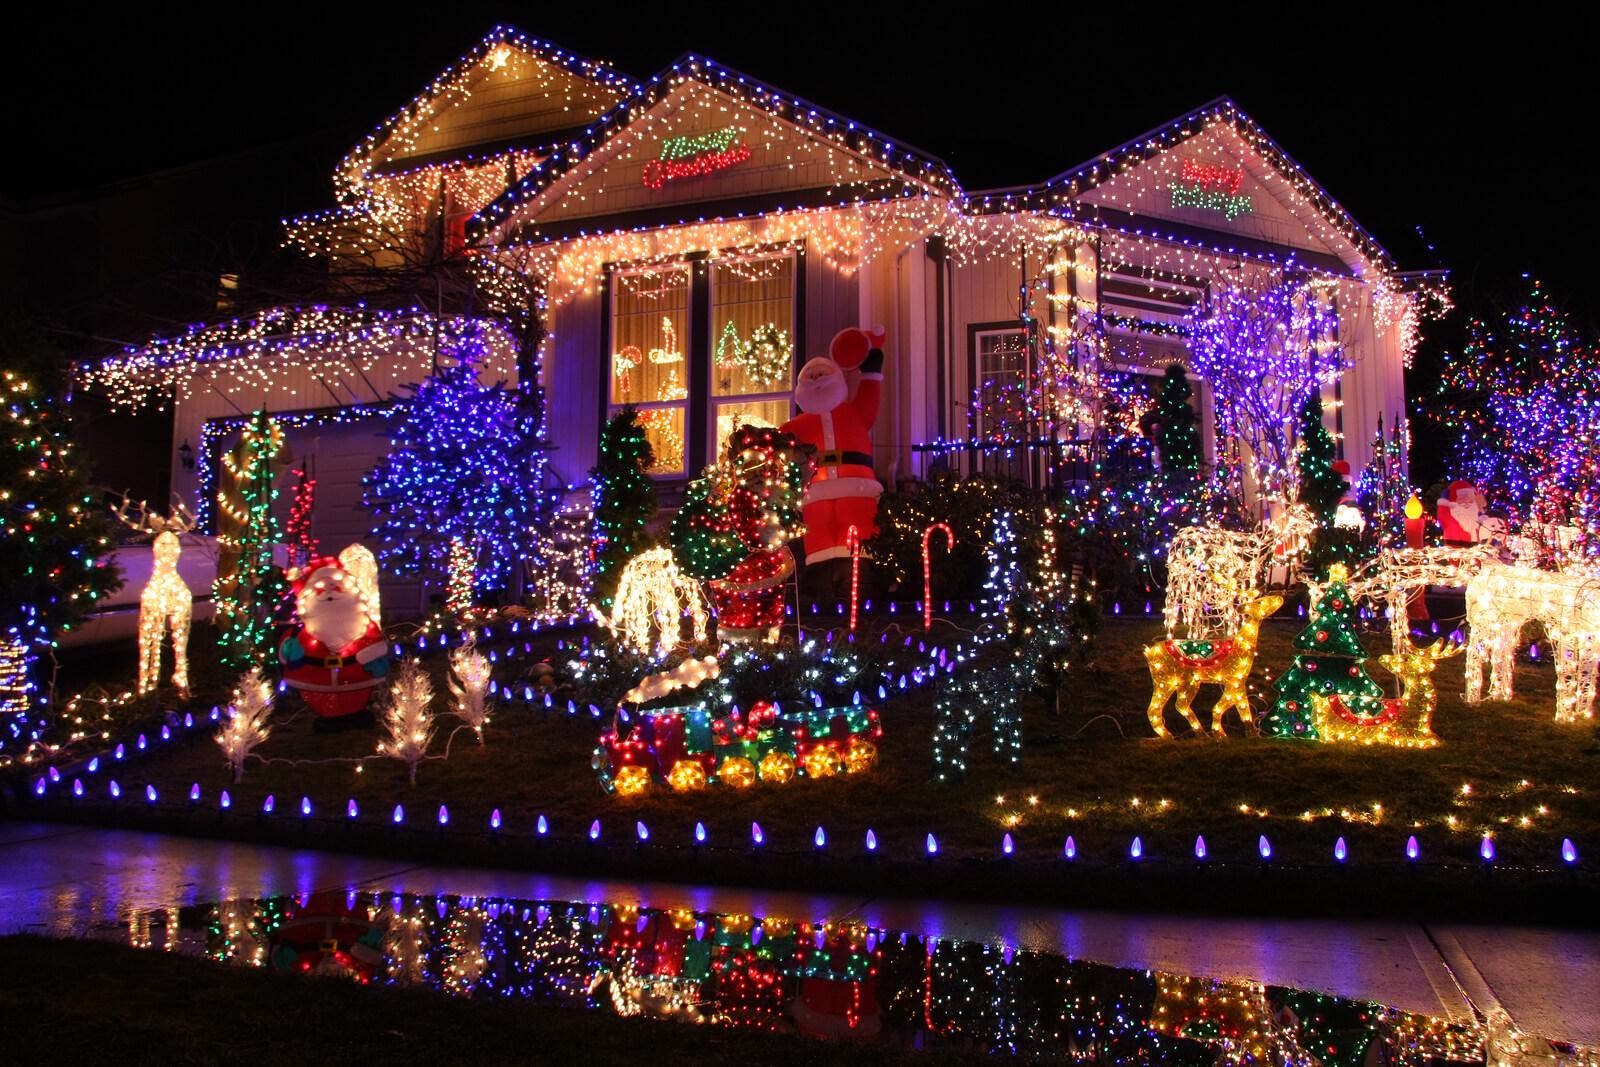 Haus weihnachtlich dekoriert